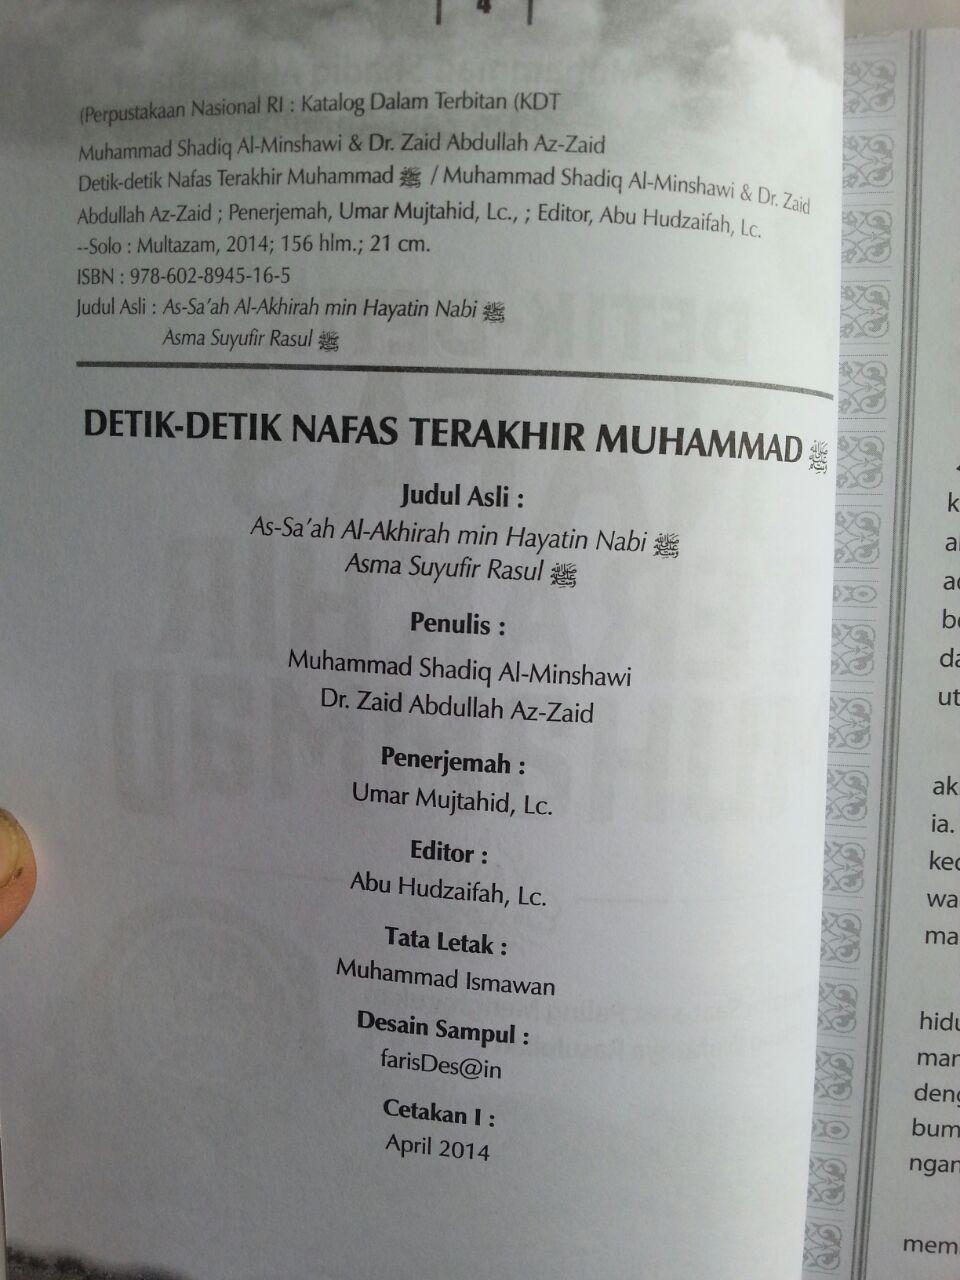 Buku Detik-Detik Nafas Terakhir Muhammad Saat Paling Mengharukan isi 2